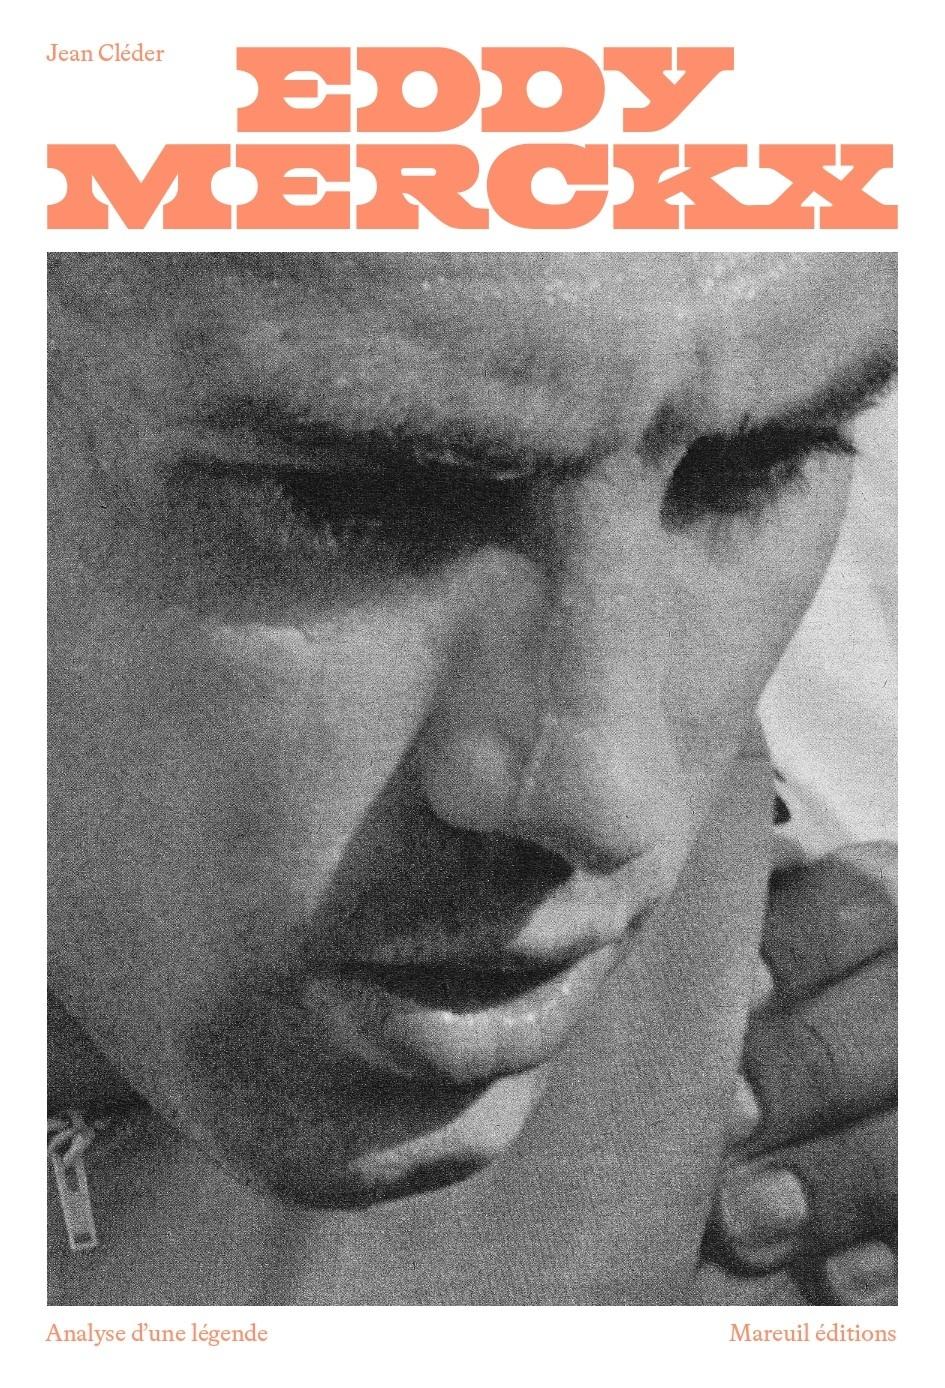 J. Cléder, Eddy Merckx, analyse d'une légende